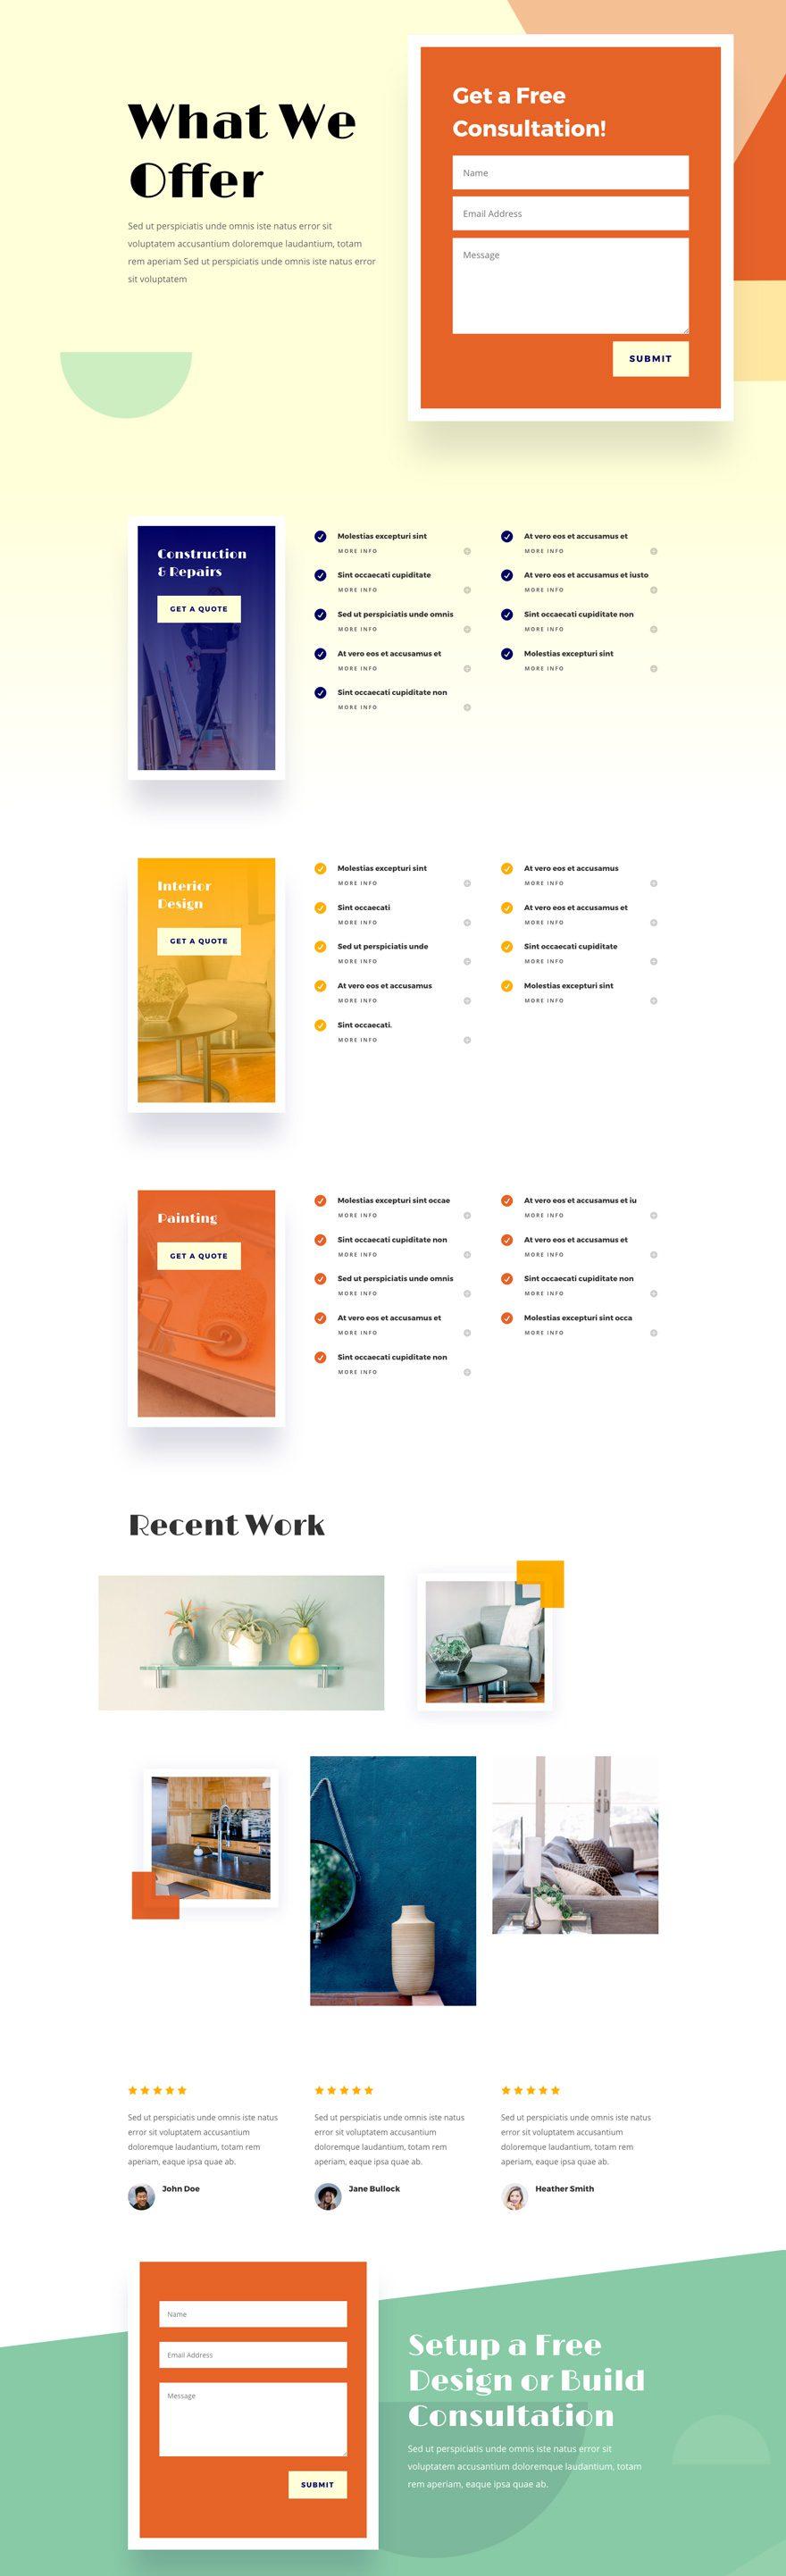 diseño de mejoras para el hogar